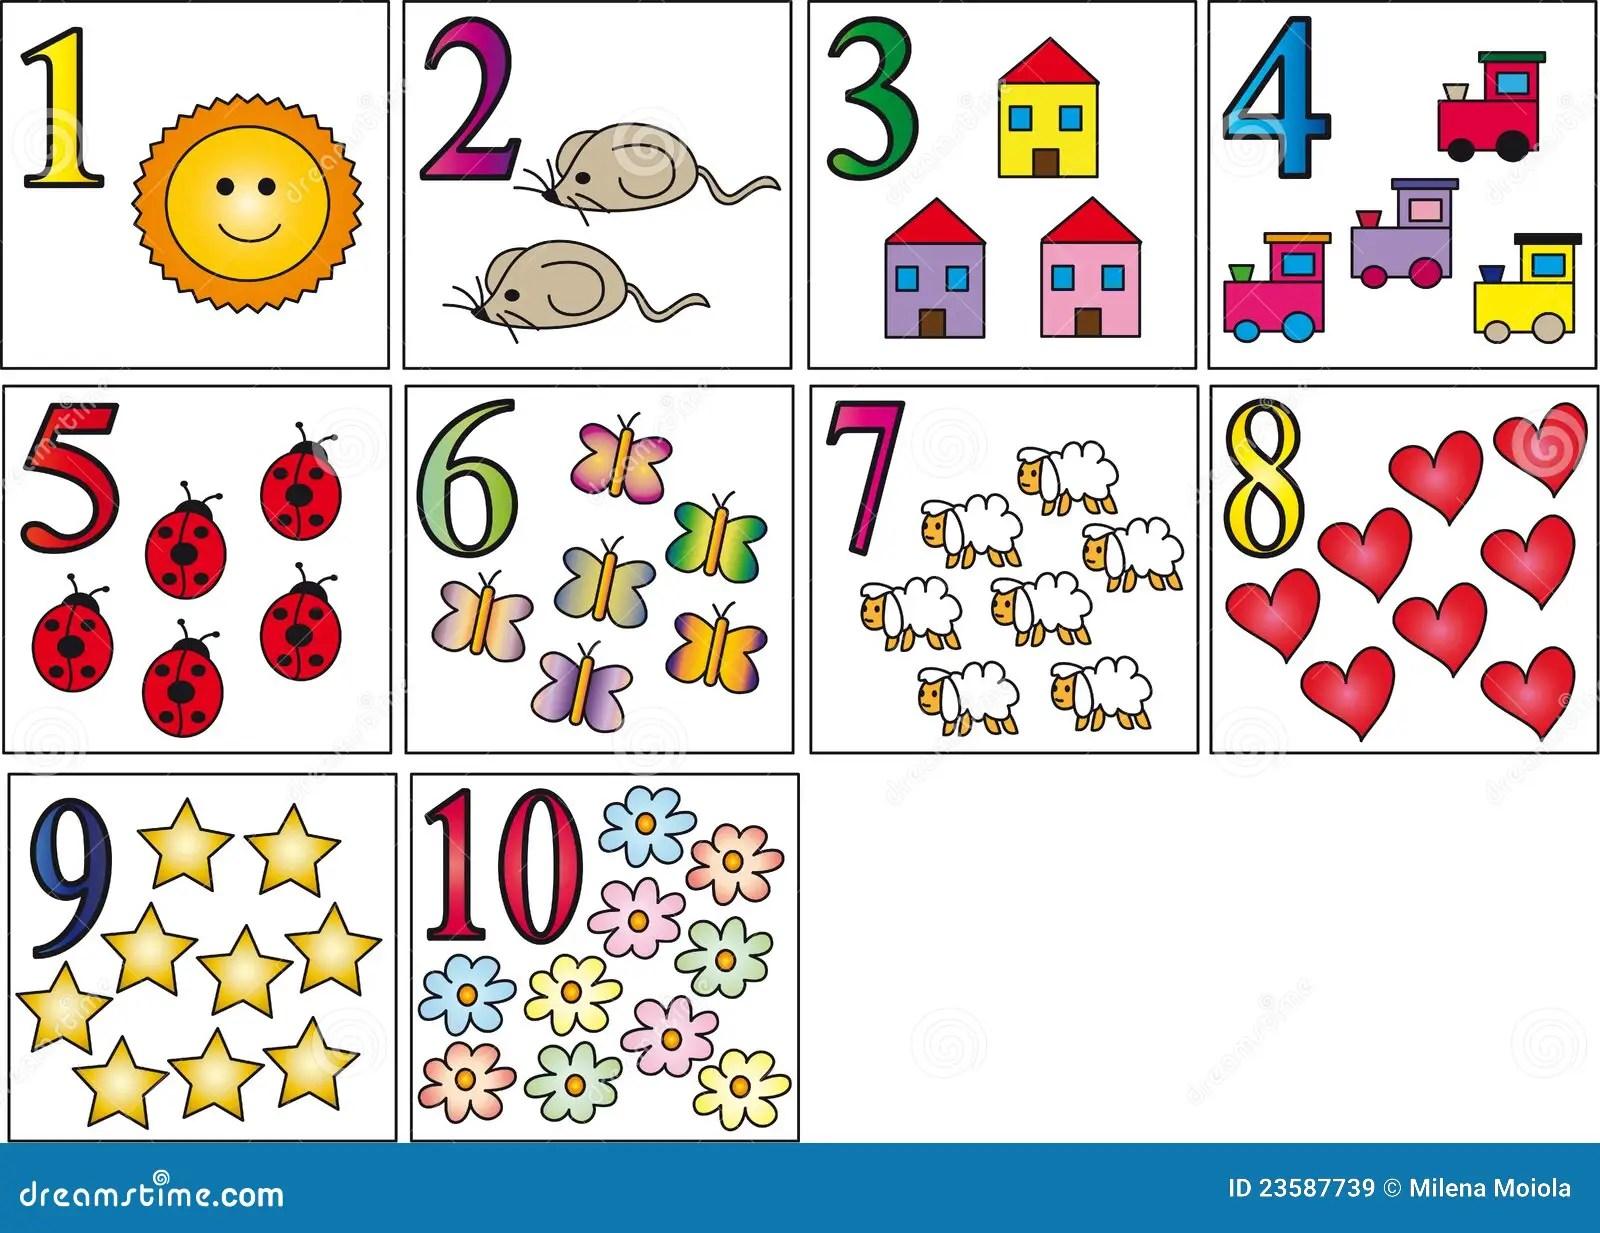 0 a 10 sony xplod 50wx4 wiring diagram números imagens de stock royalty free imagem 23587739